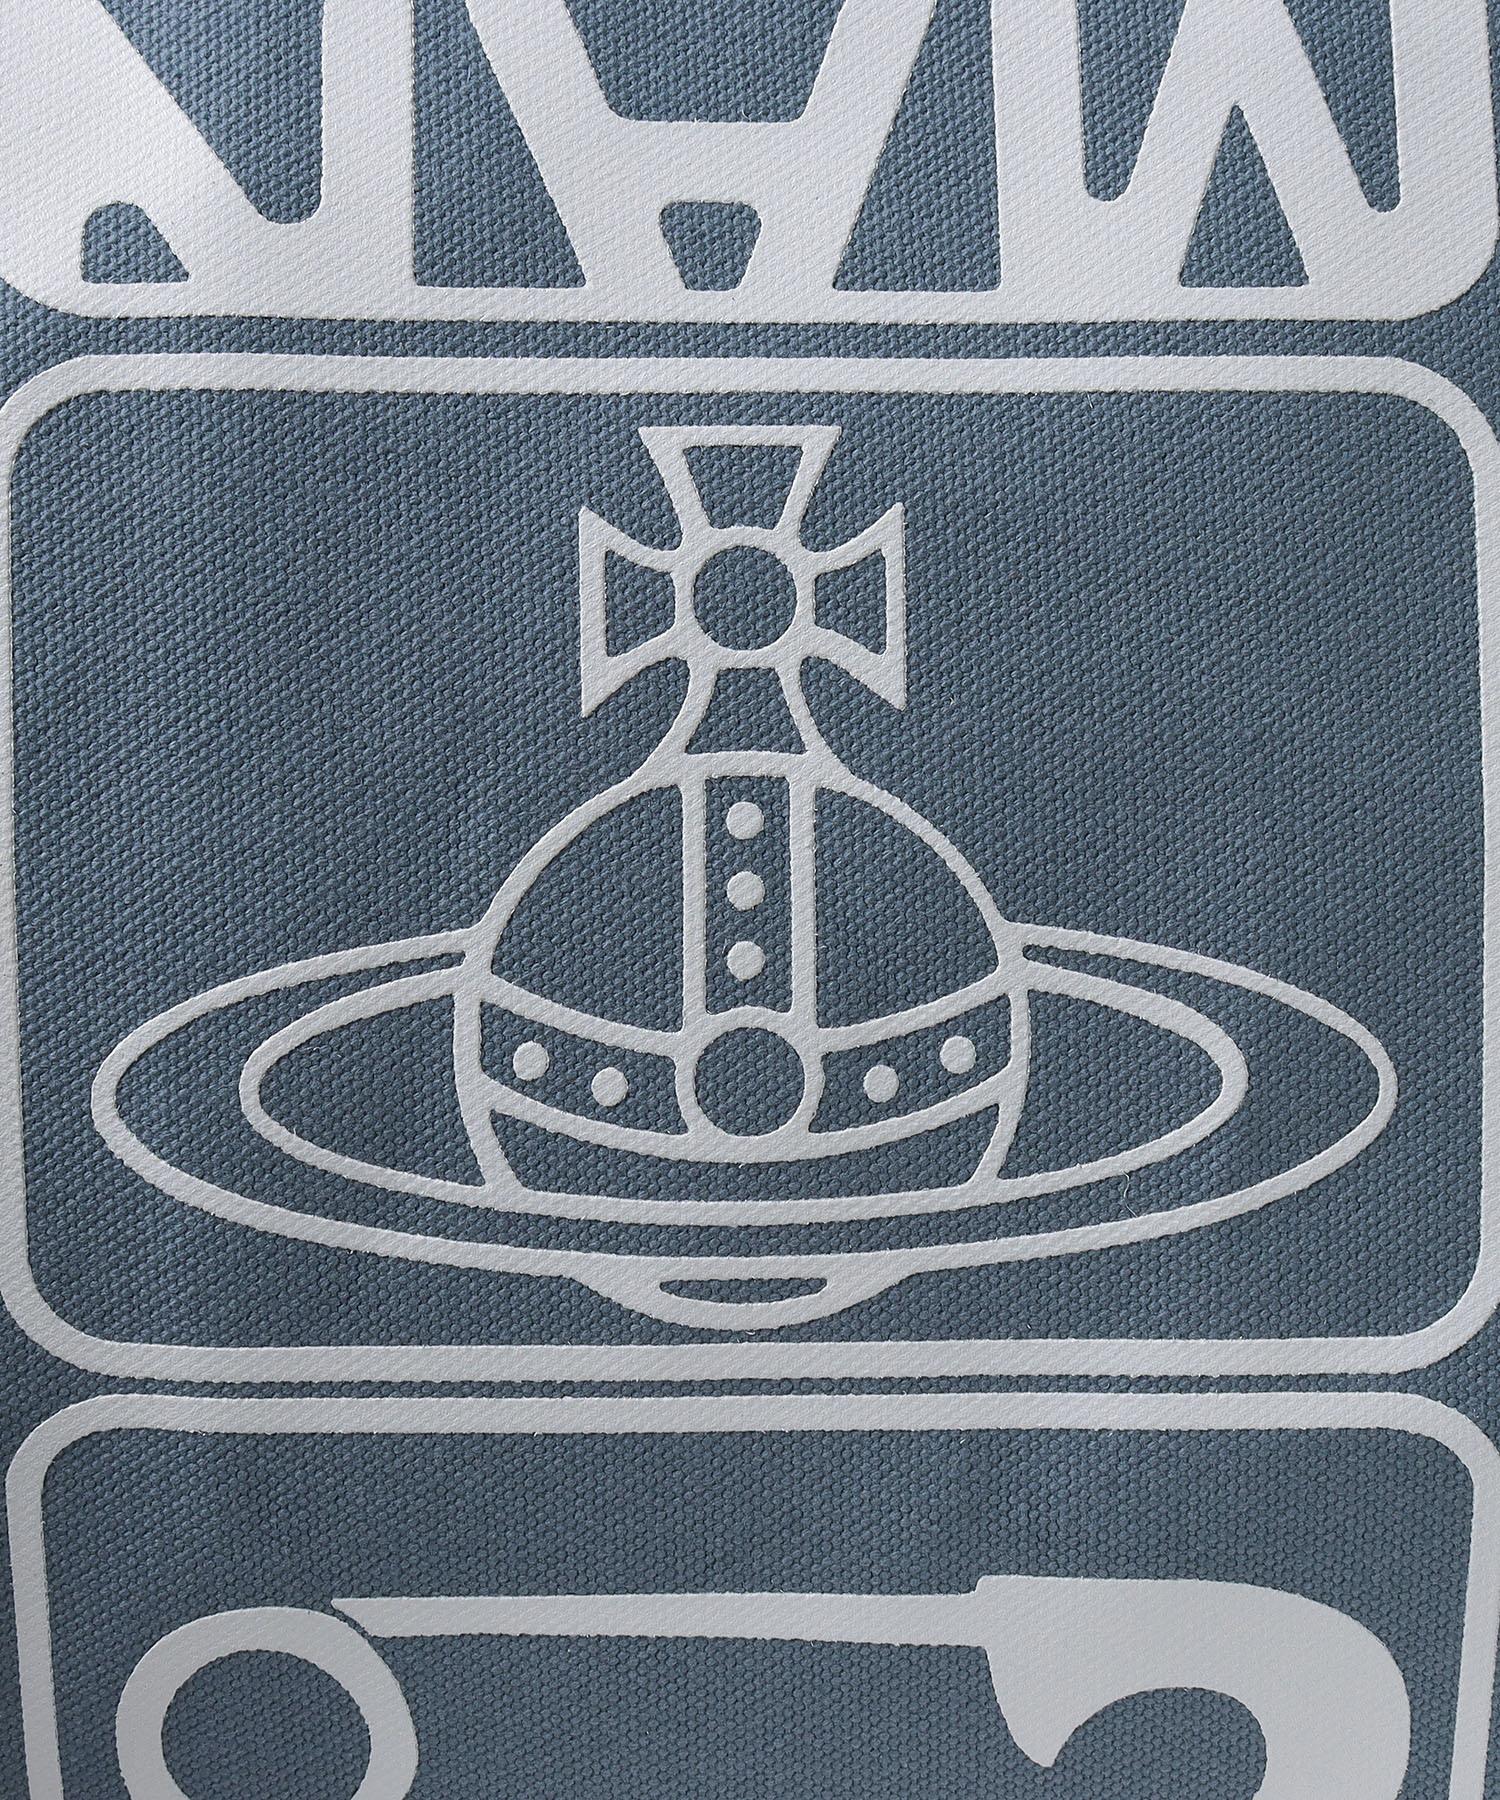 タグ メンズトートバッグL